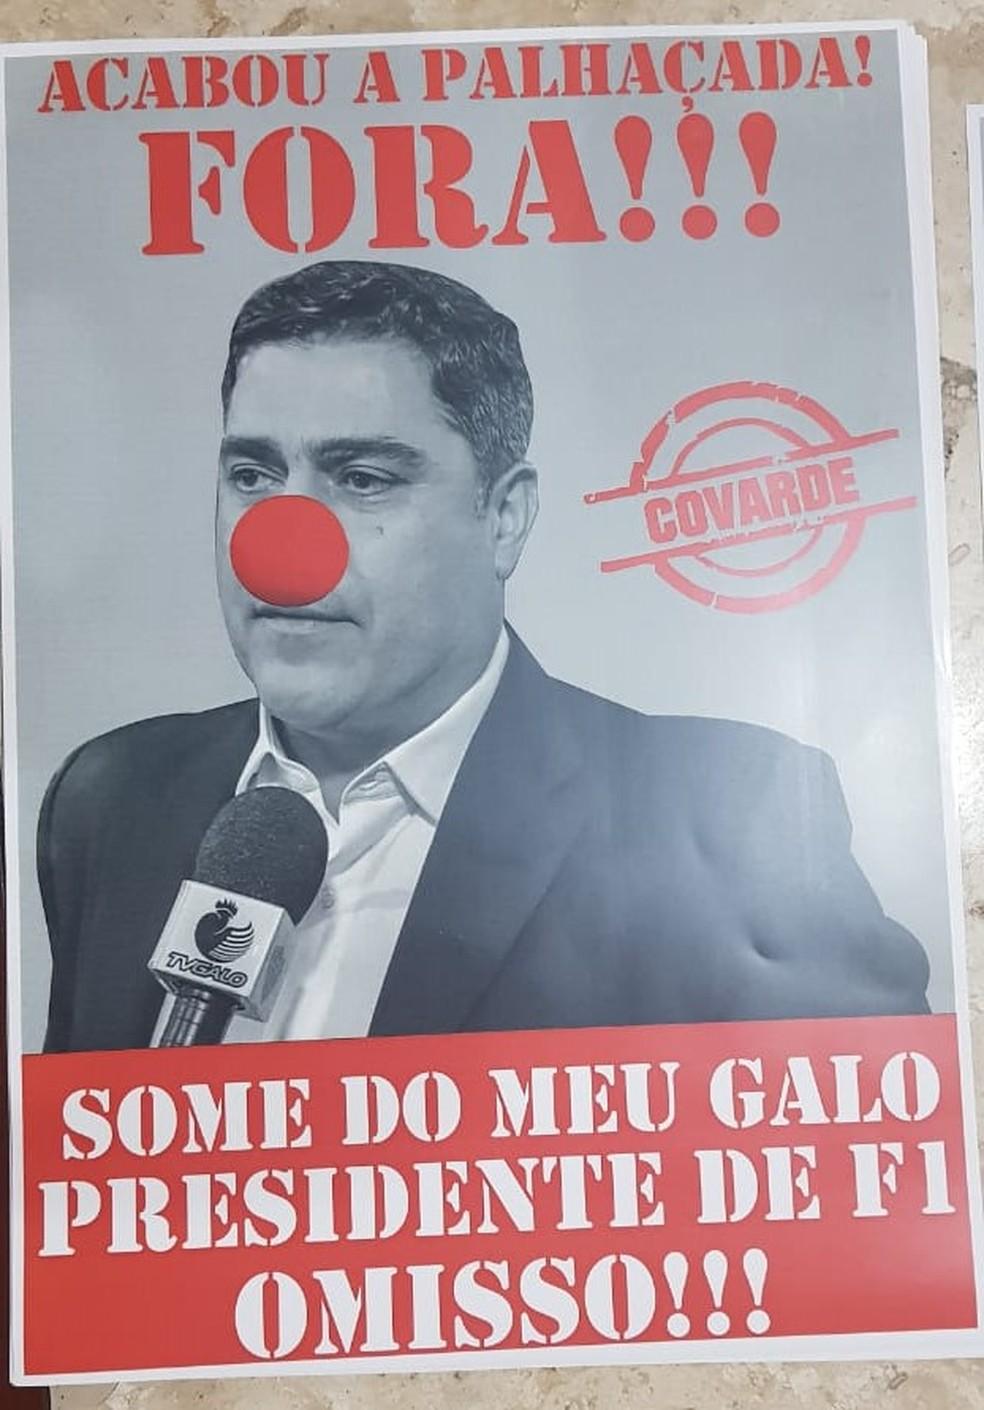 """""""Presidente de F1"""", diz cartaz com foto de Sérgio Sette Câmara, referindo-se ao filho, que é piloto de automobilismo — Foto: Reprodução / internet"""